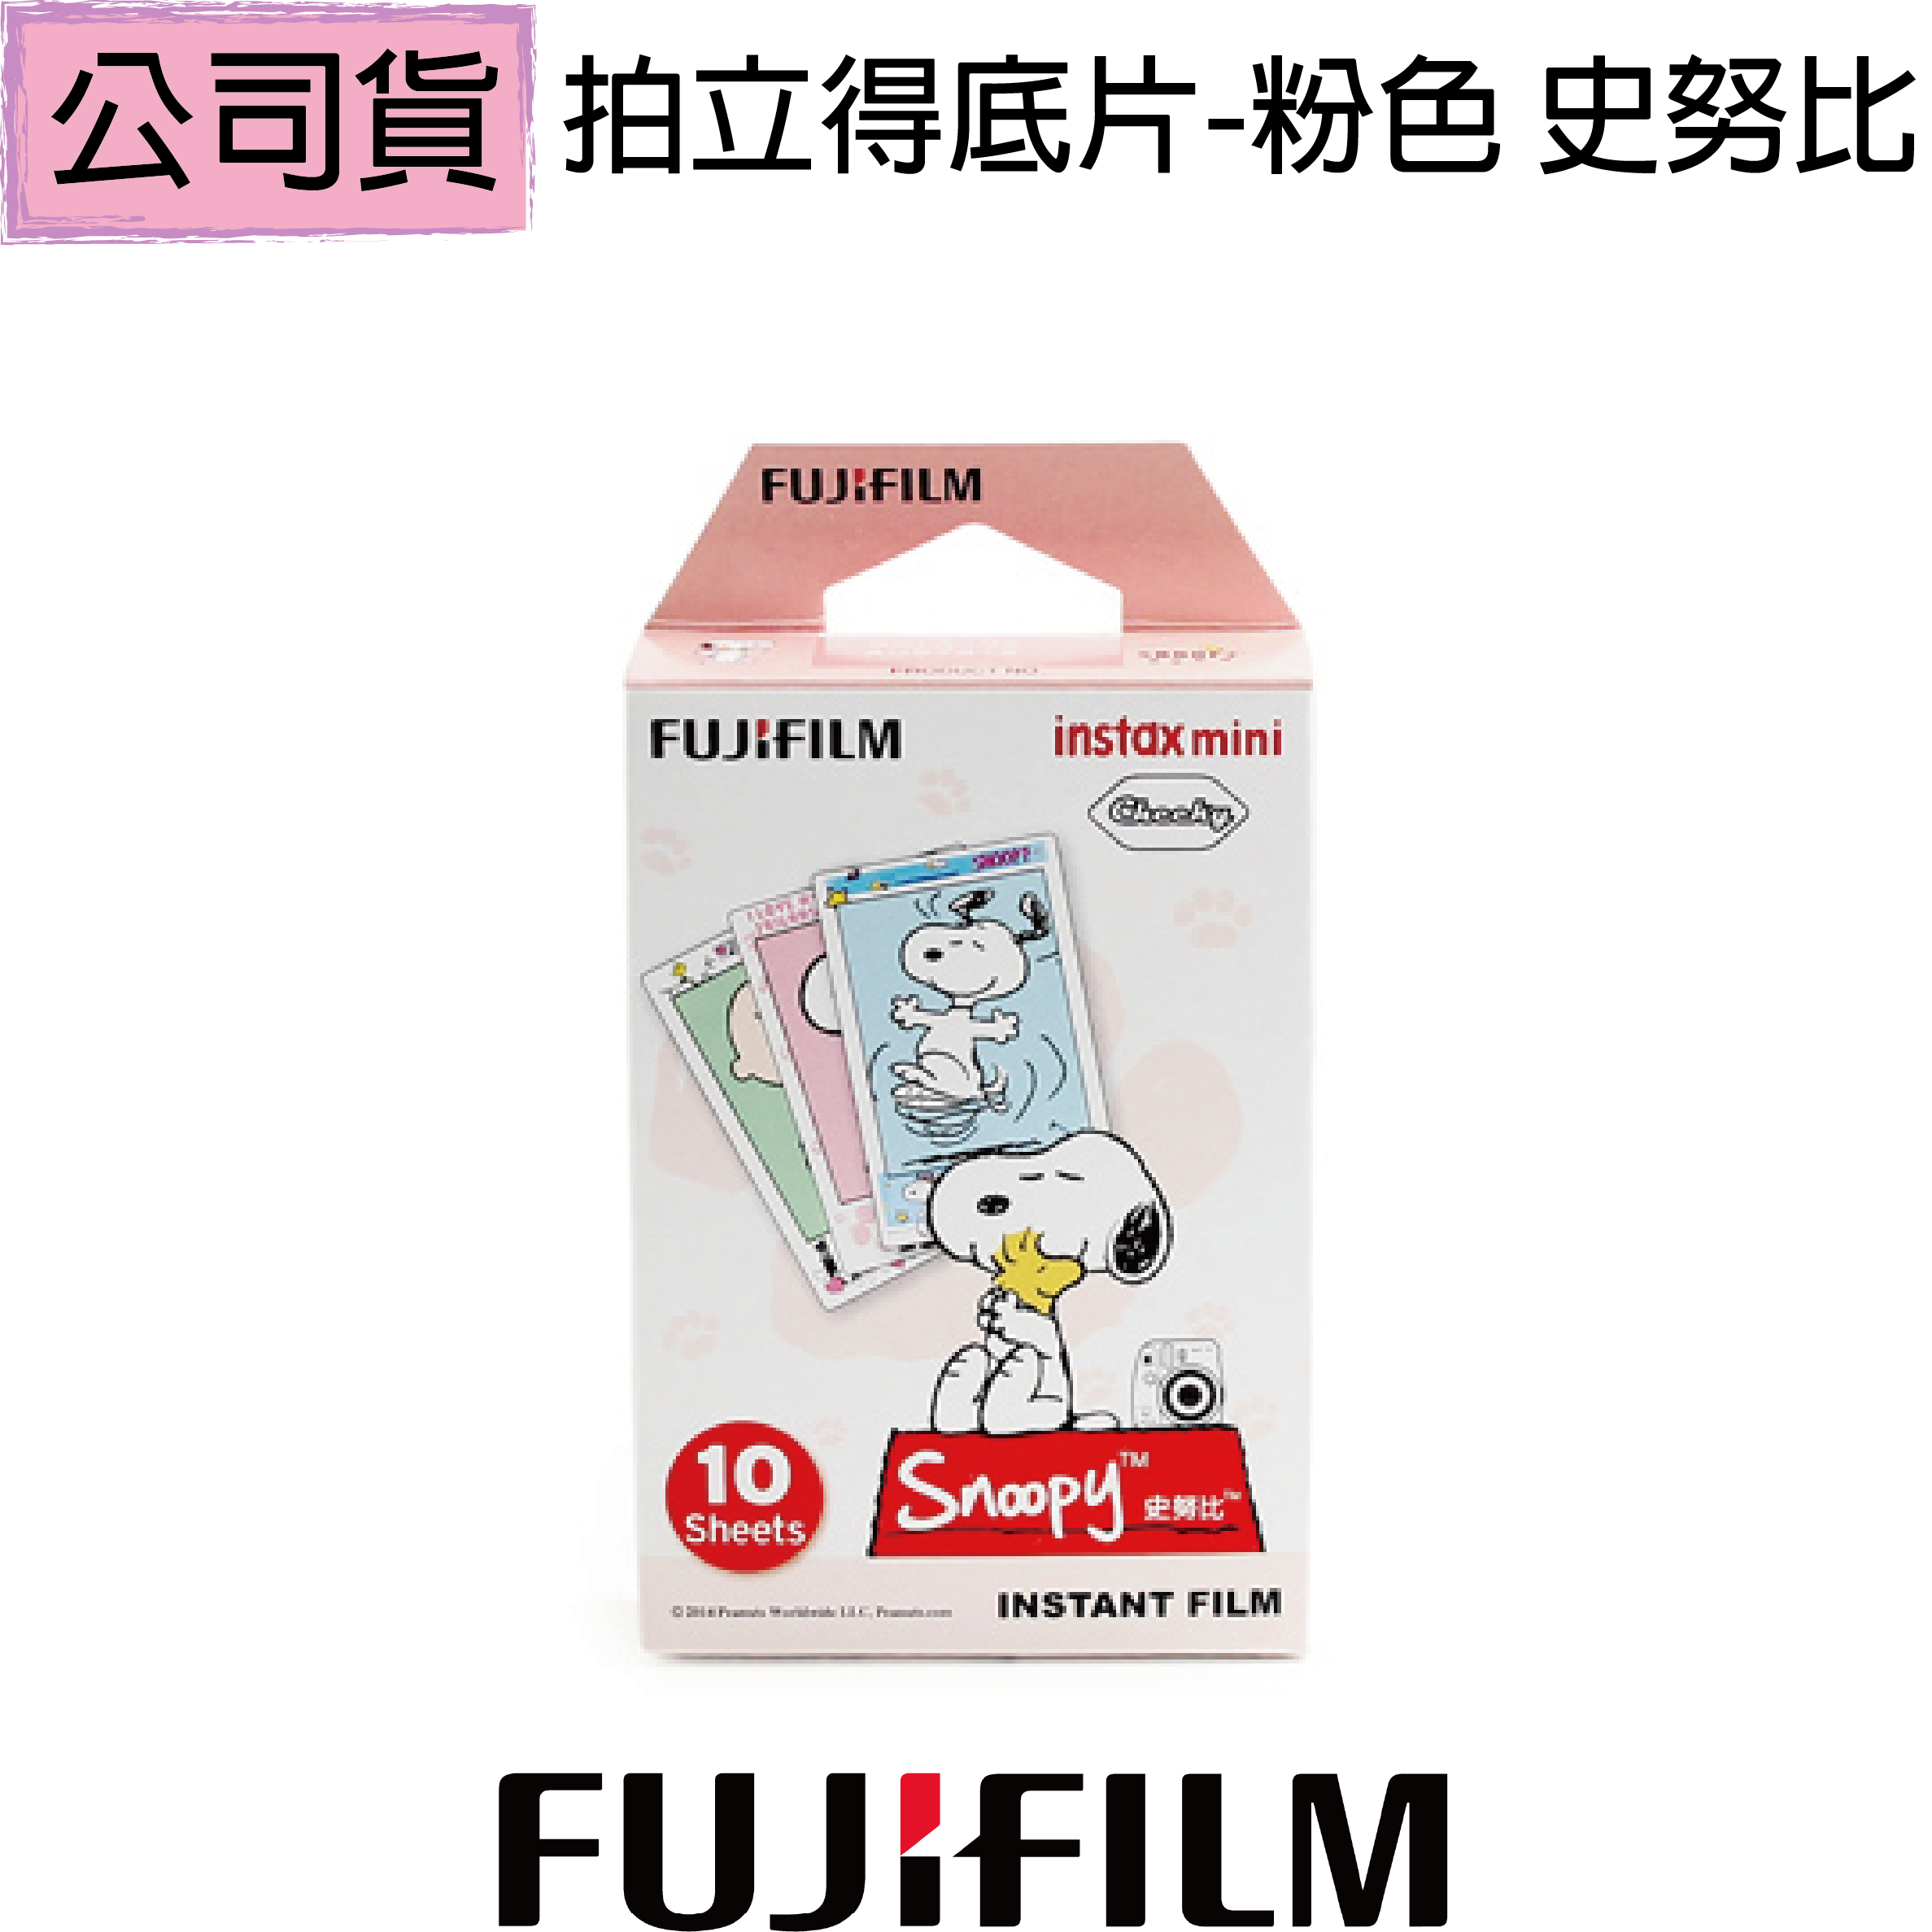 【FUJIFILM】Instax Mini 拍立得底片( 粉色 史努比-Snoopy)▼Mini8 / Mini25 / SP-1(含運費60元)